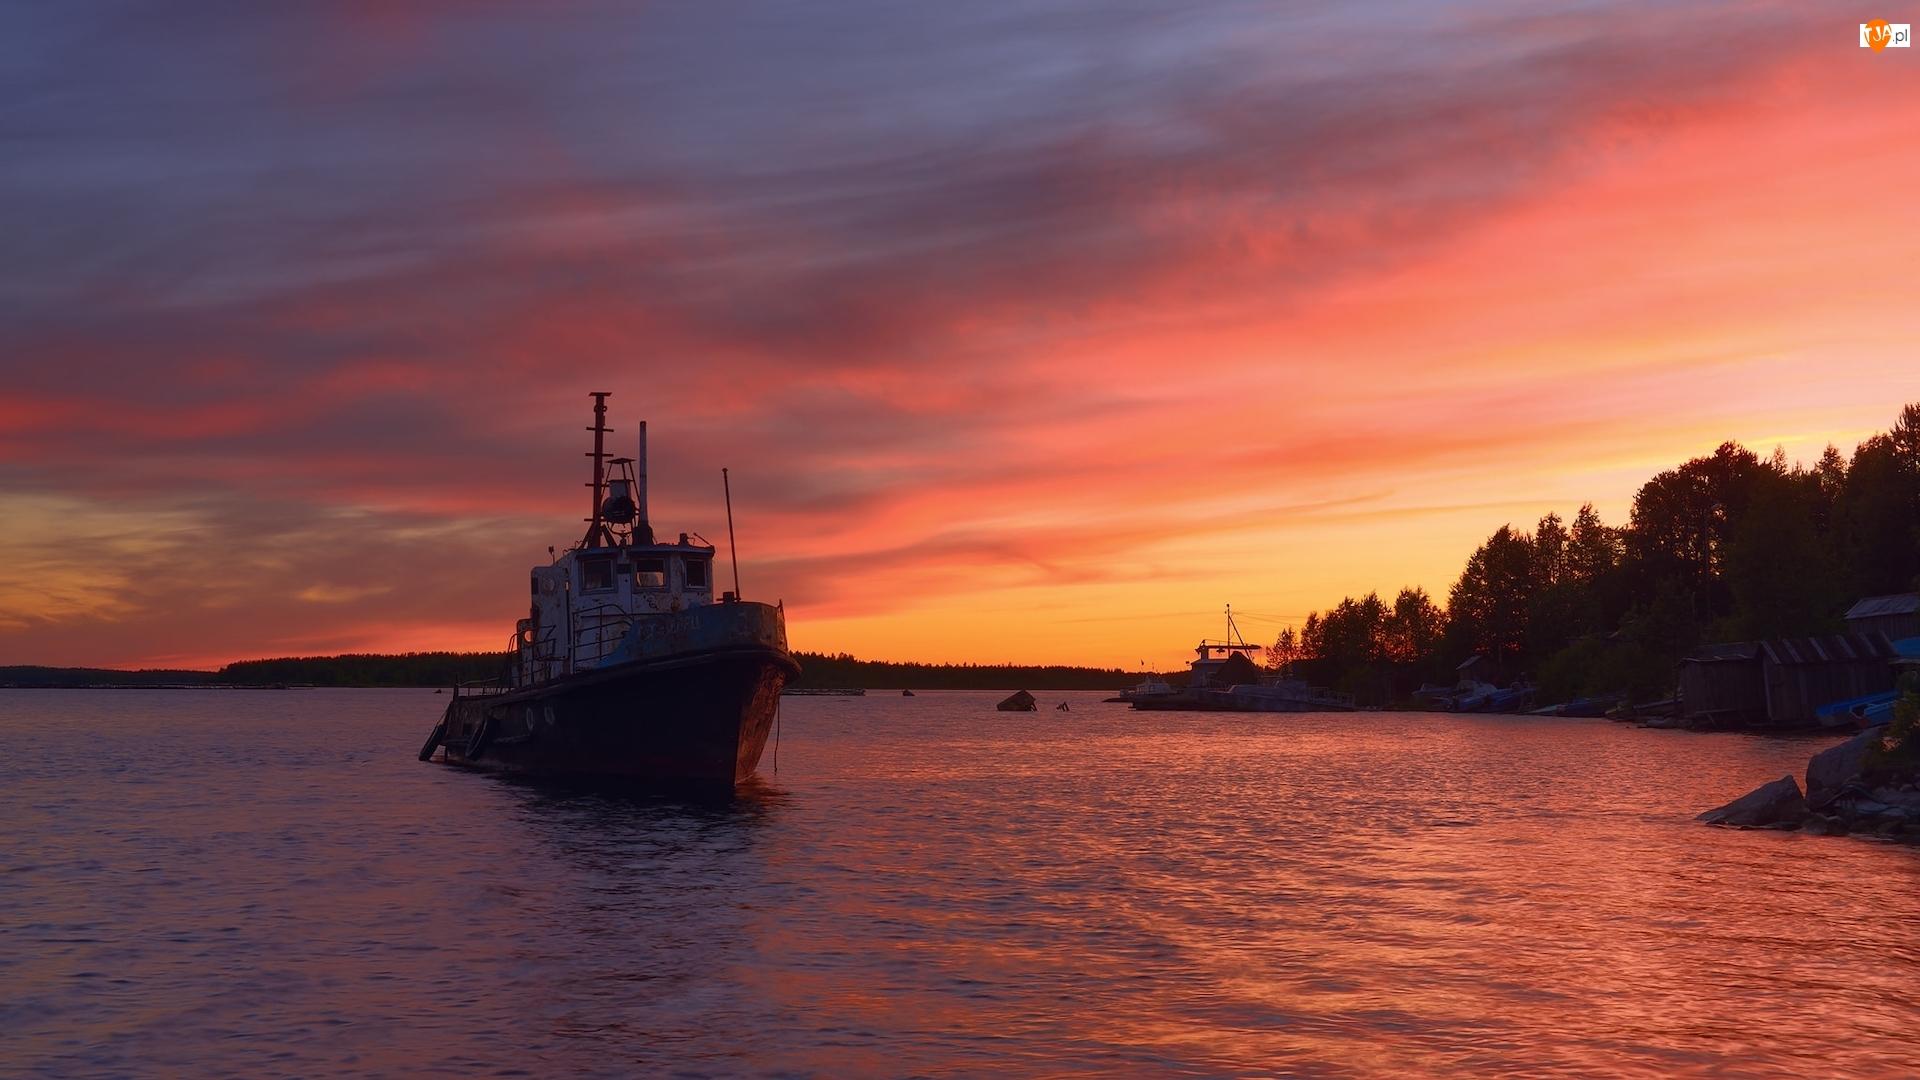 Kuter rybacki, Zachód słońca, Siegoziero, Rosja, Jezioro, Karelia